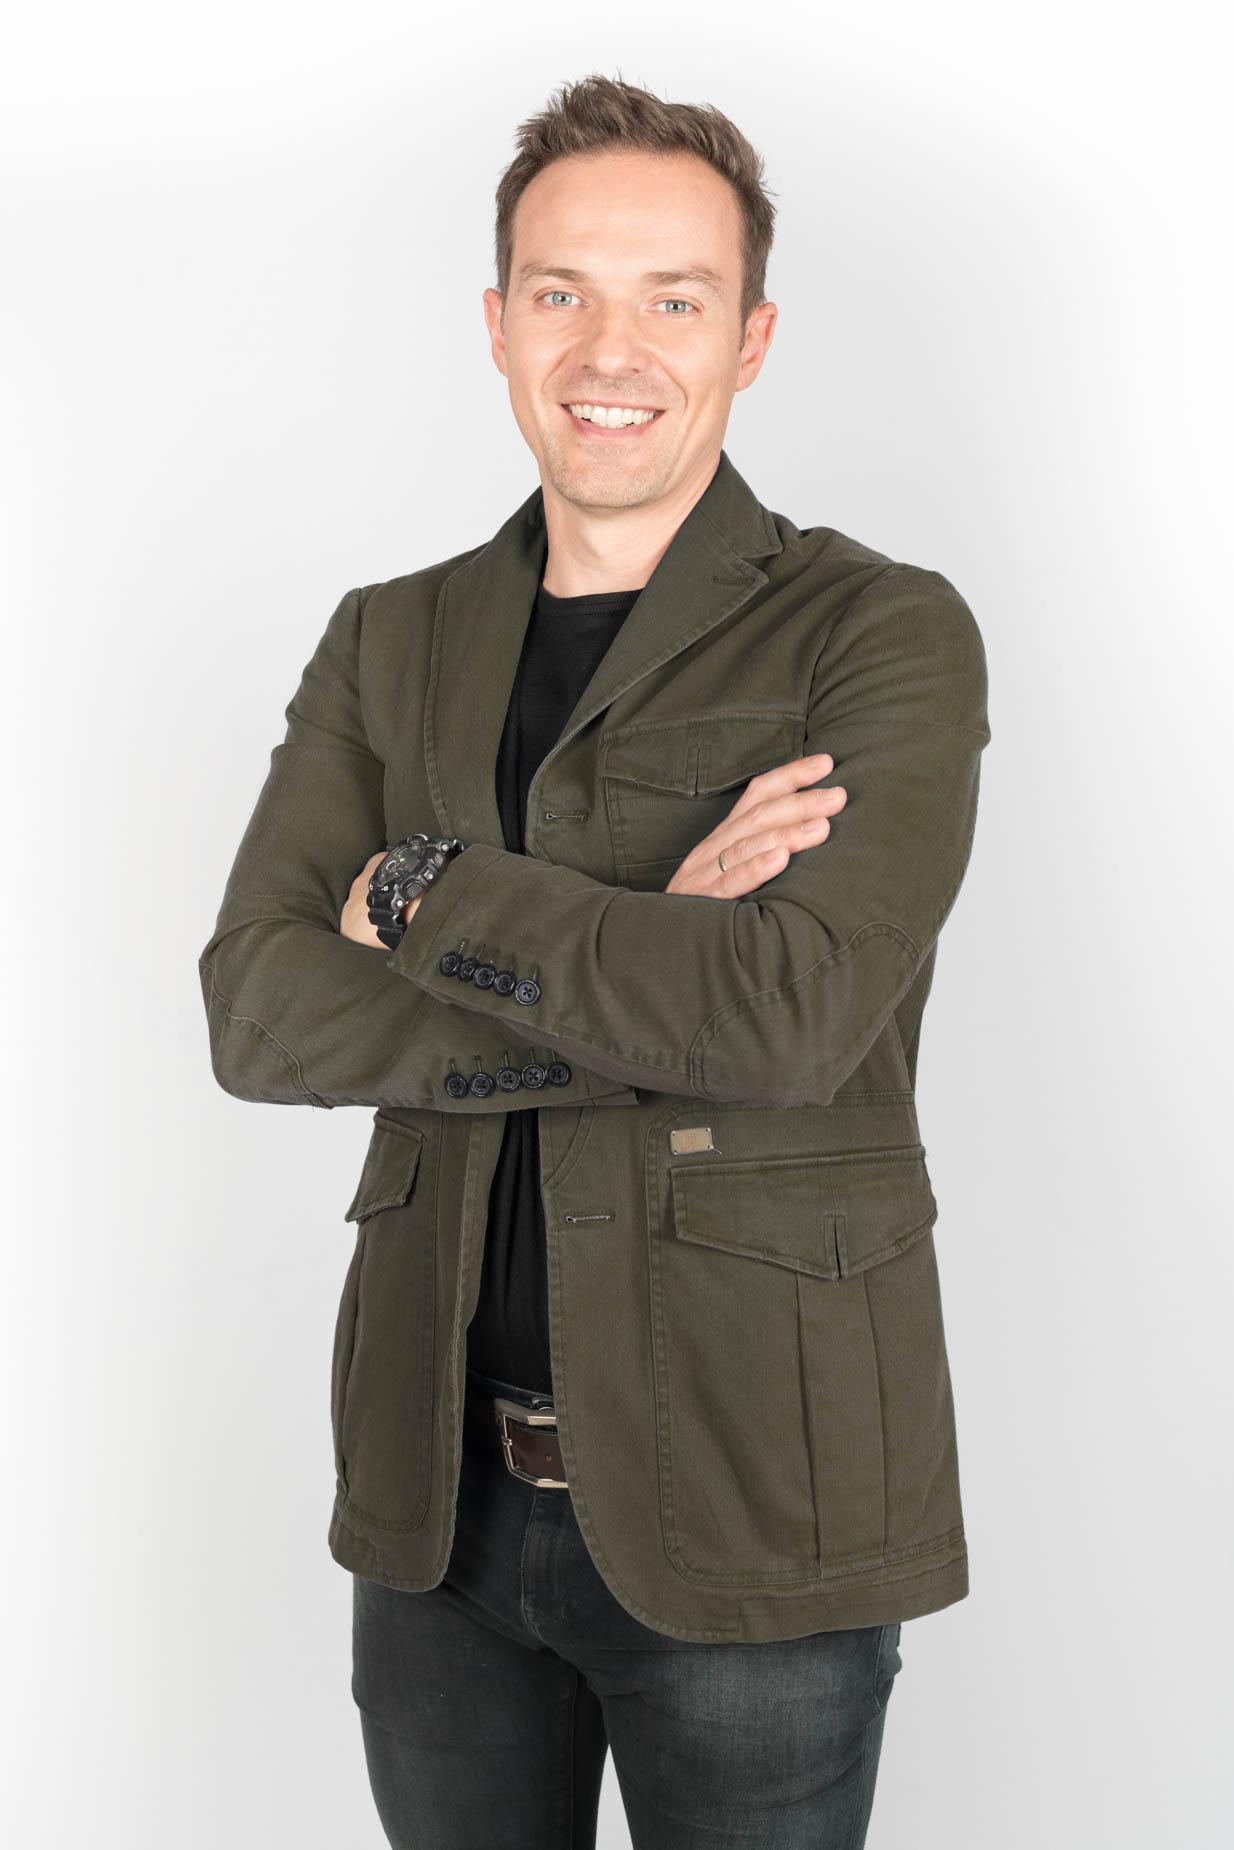 Robert Siegert